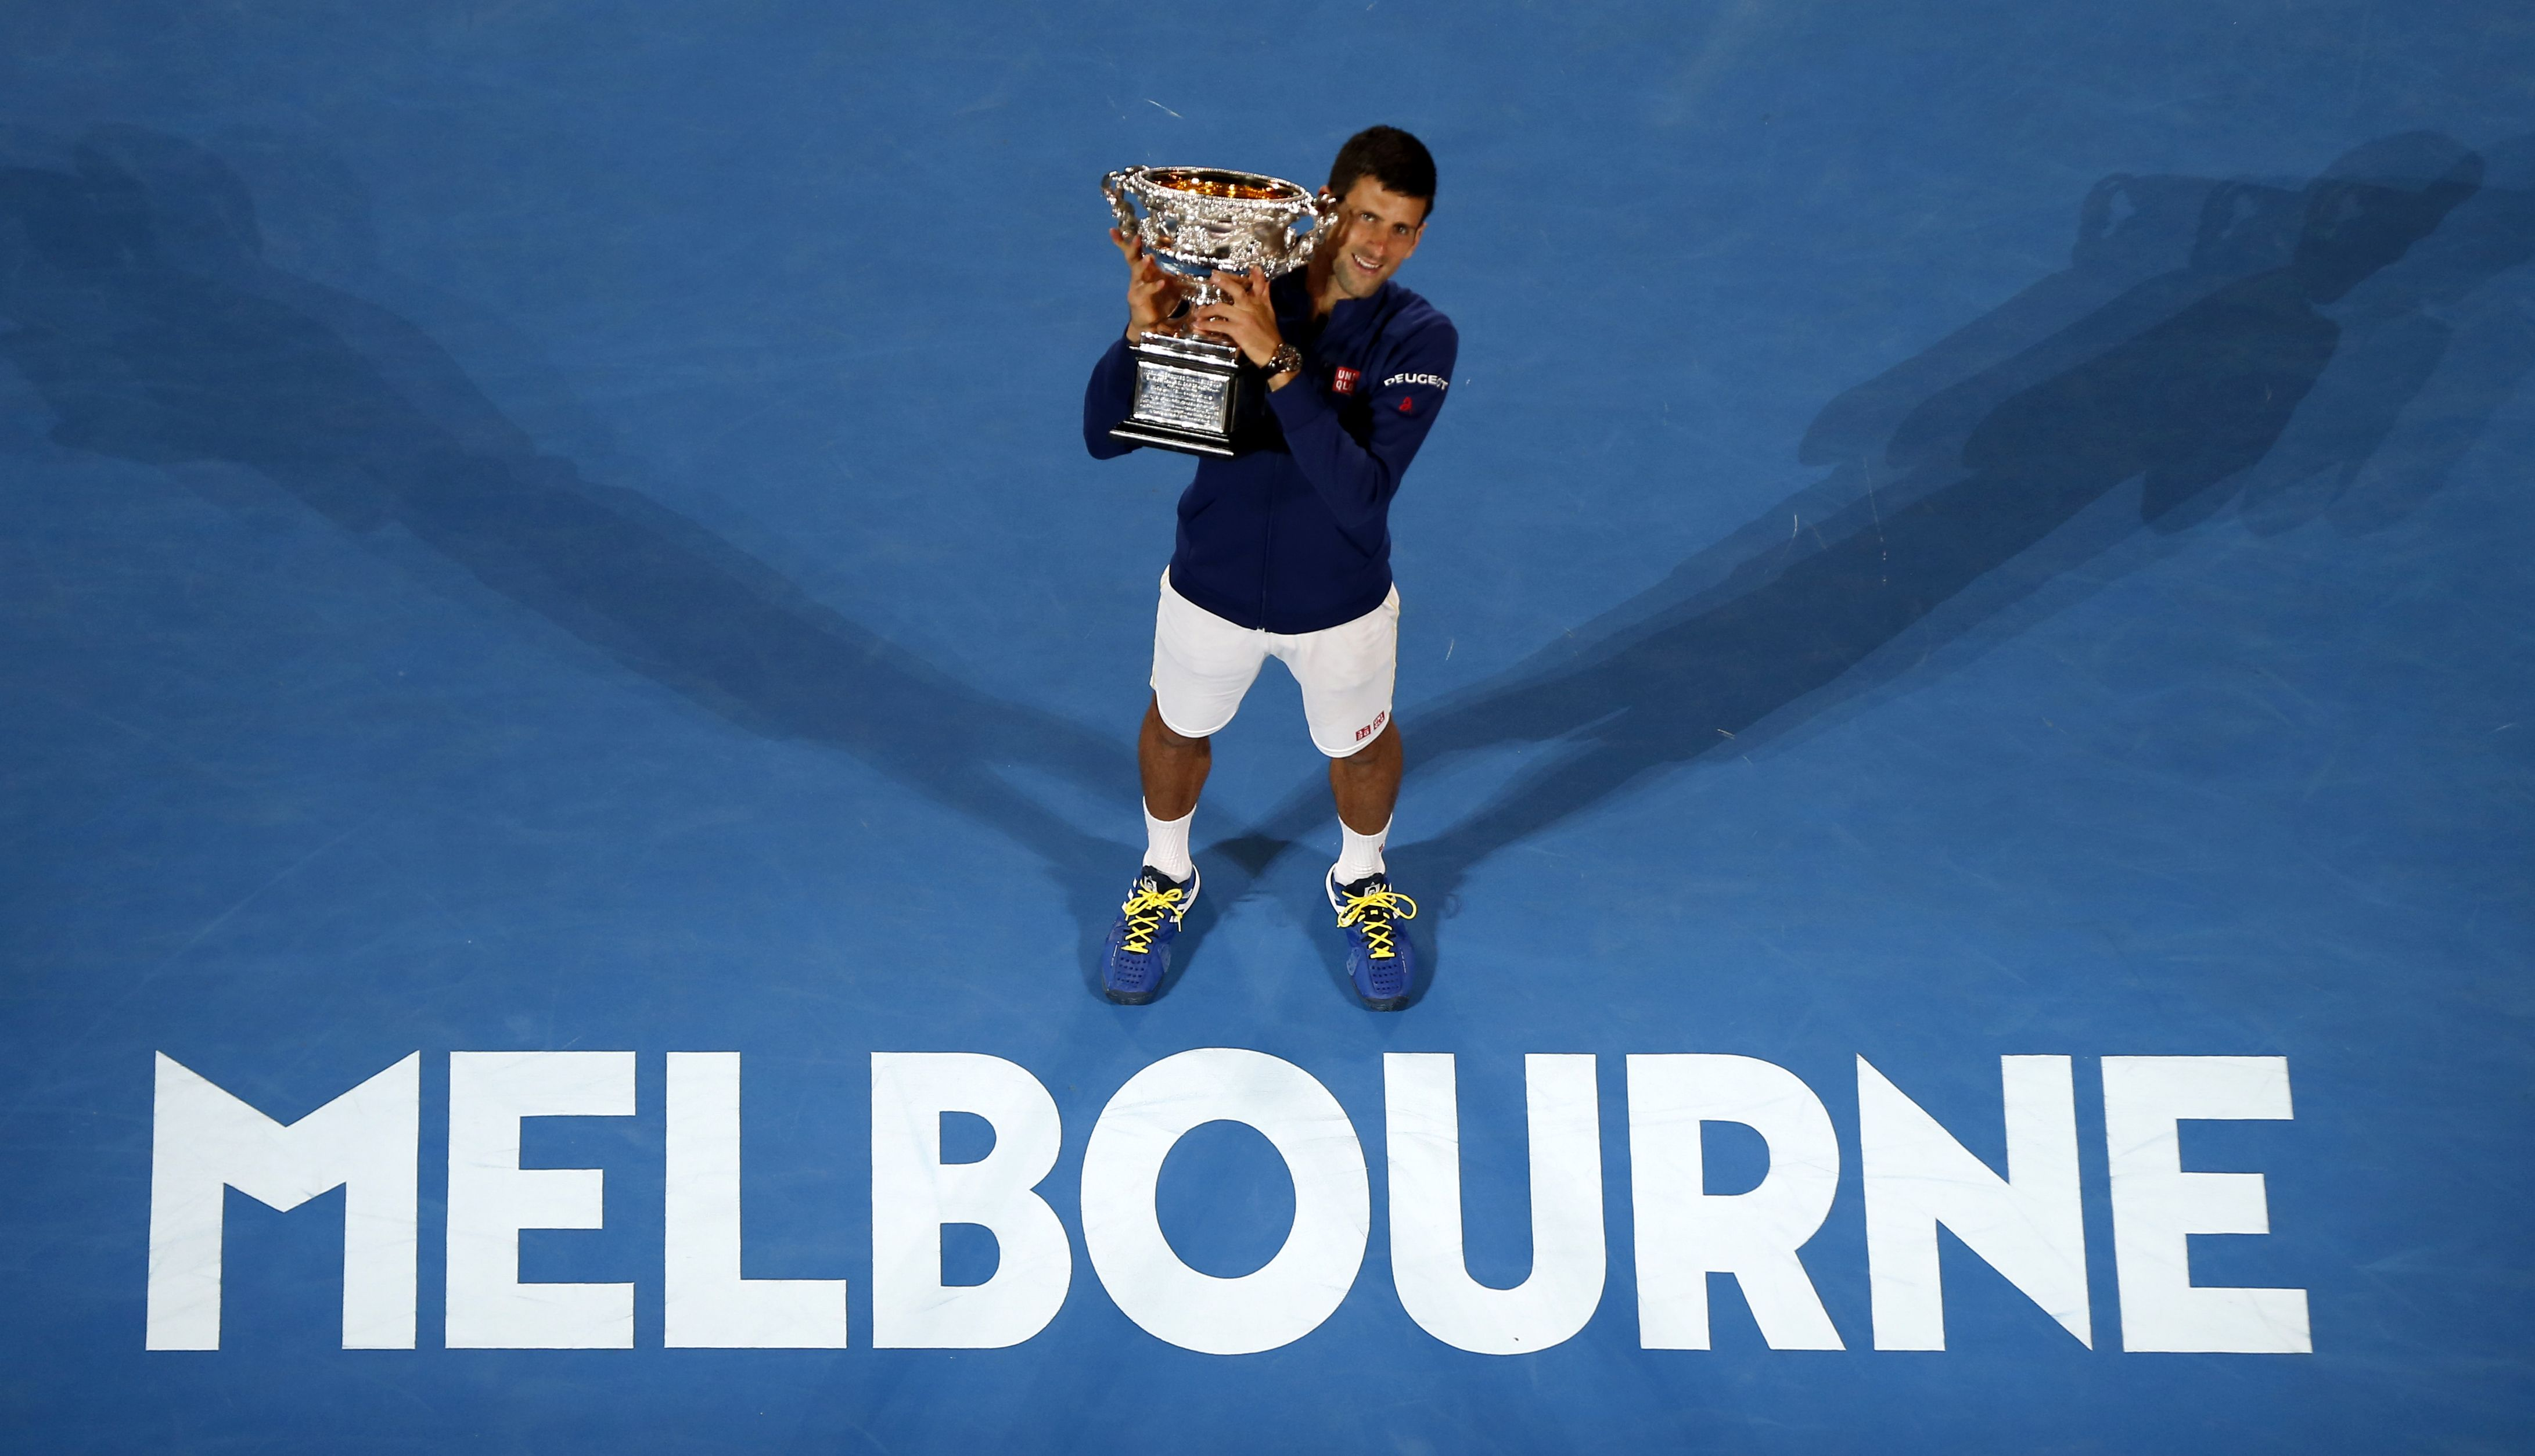 El serbio sometió de nuevo a Andy Murray en la final del Abierto de Australia e igualó las seis conquistas del australiano Roy Emerson.(AP)